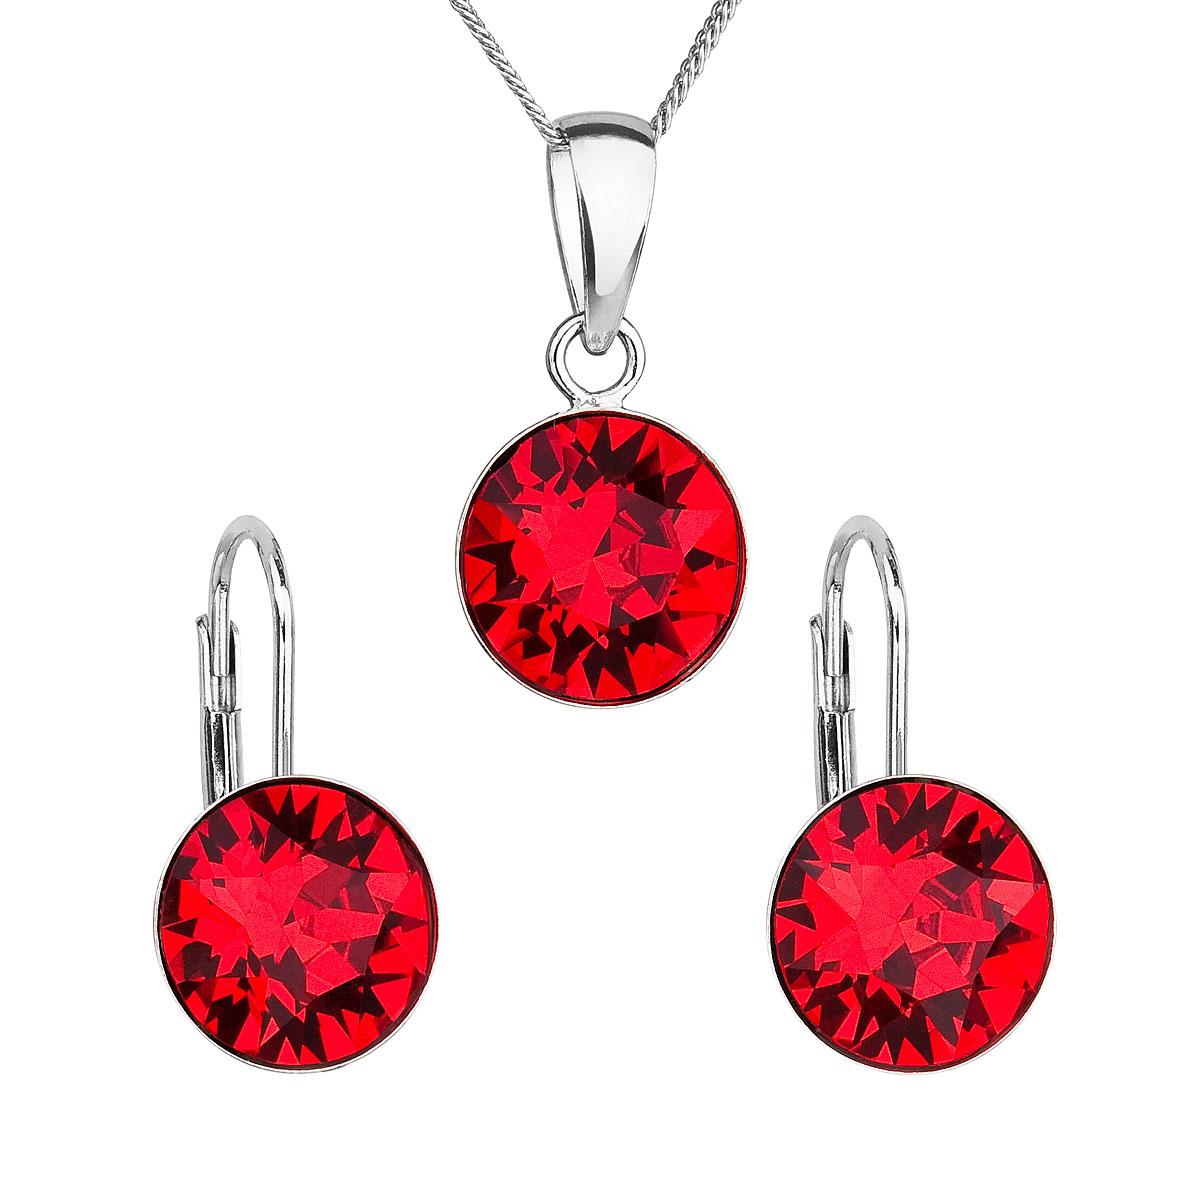 Sada šperků s krystaly Swarovski náušnice, řetízek a přívěsek červené kulaté 39140.3